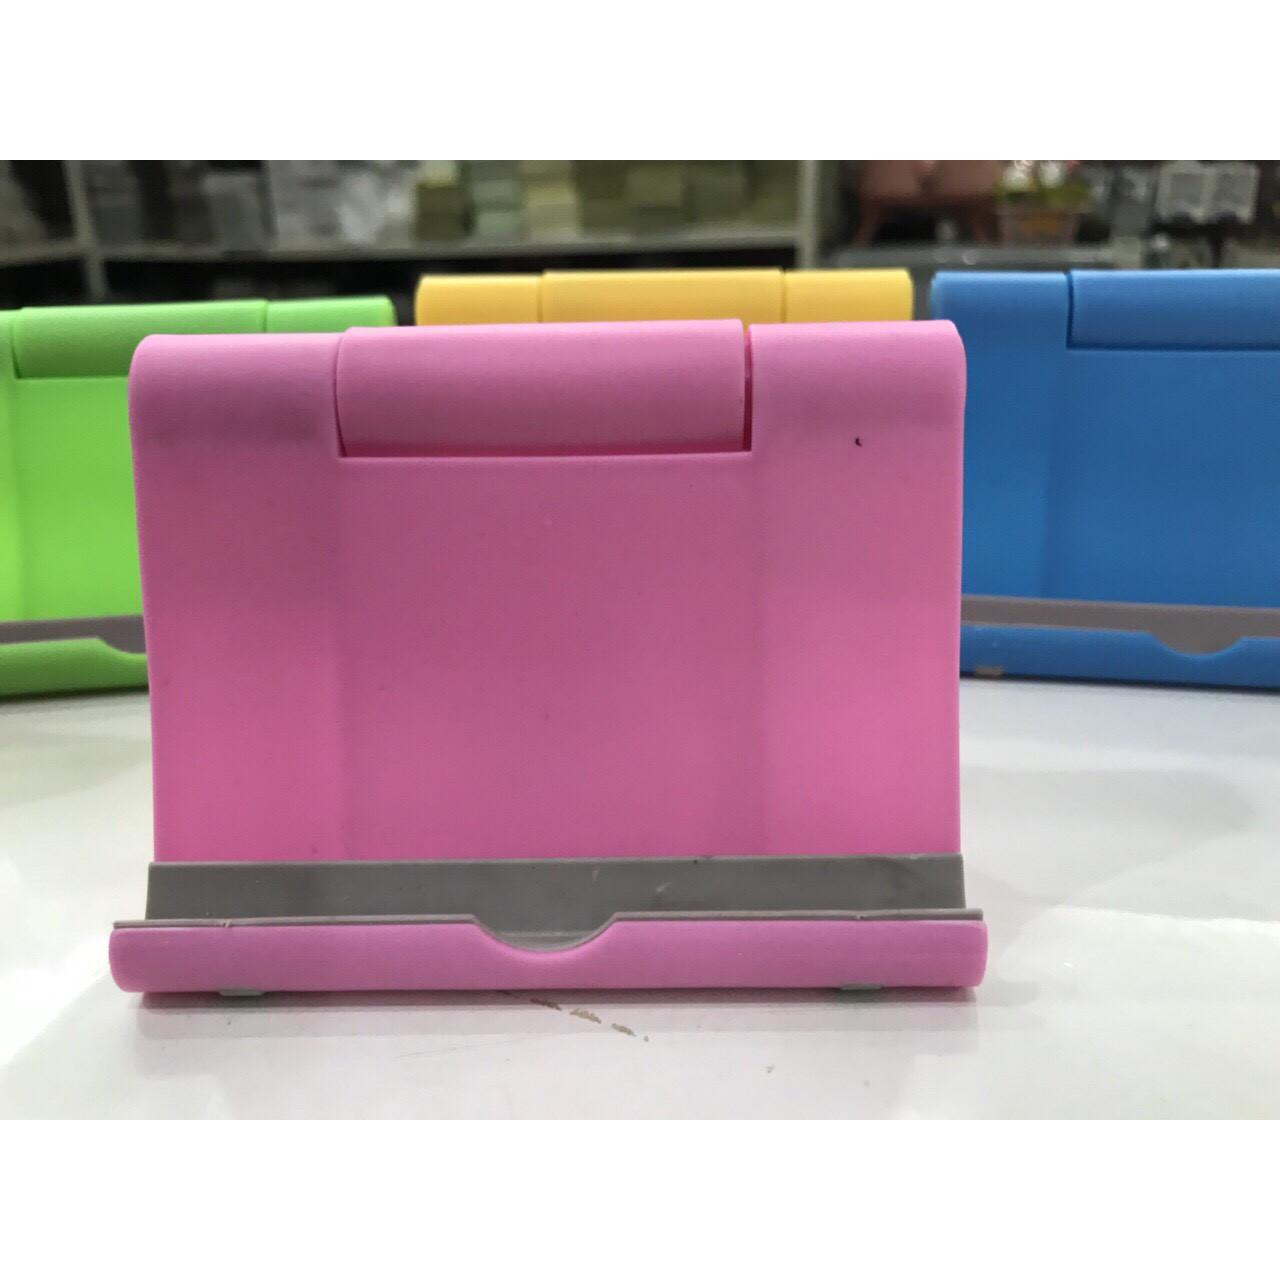 Giá đỡ điện thoại máy tính bảng cao cấp ( Giao màu ngẫu nhiên )